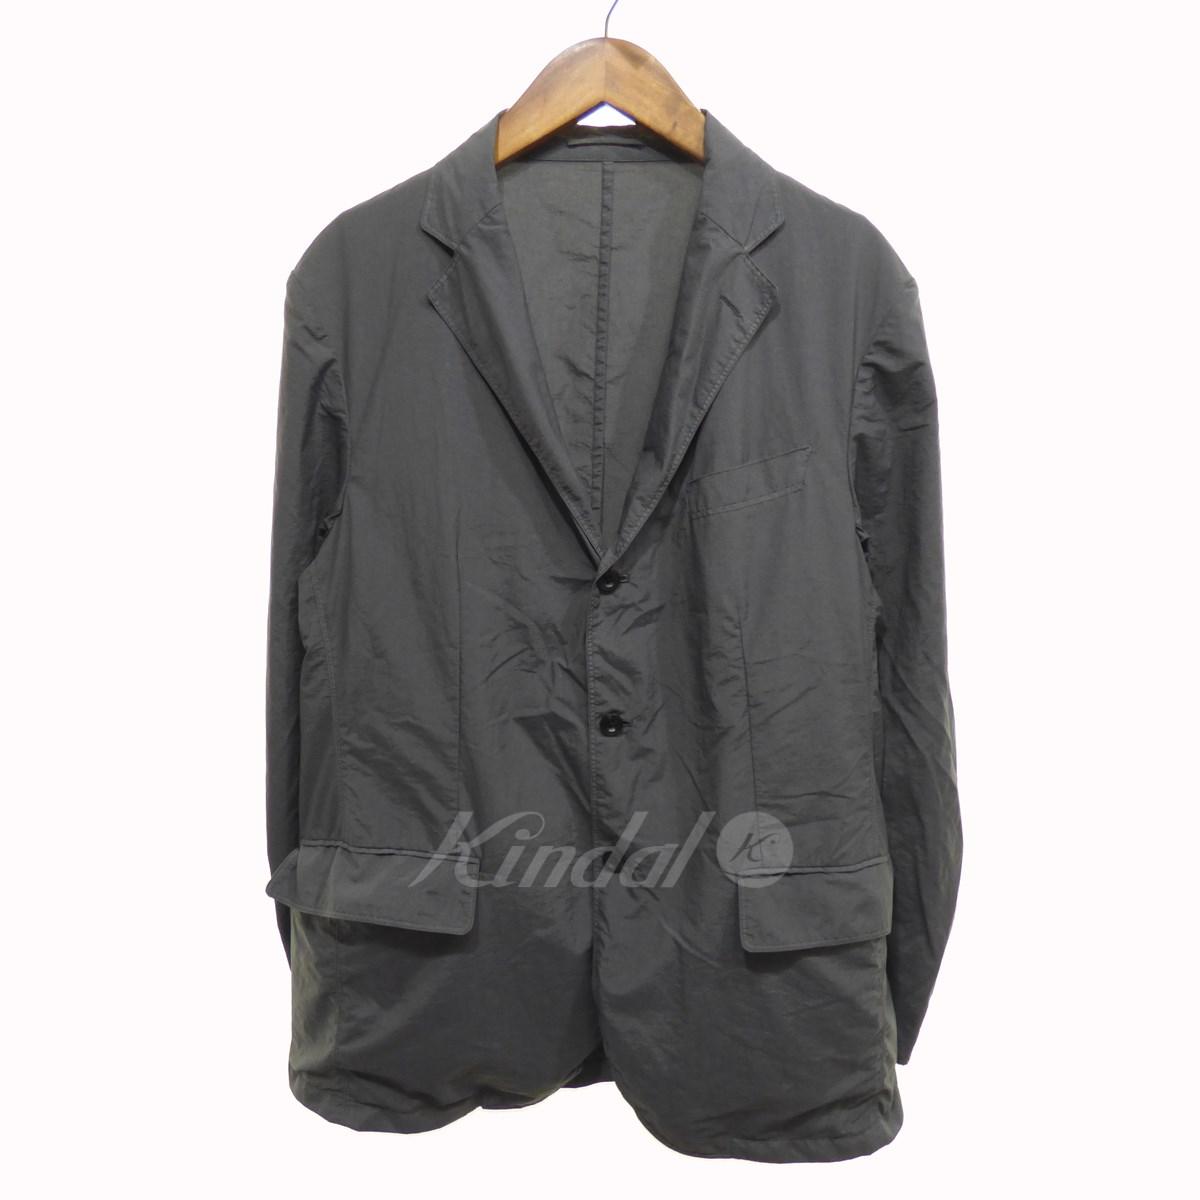 【おしゃれ】 【中古】TEATORA Packable Device【送料無料】 Jacket 3Bナイロンジャケット【送料無料】【星】 Device【060794】【星】, ハッピークラブ:3ea16fd8 --- tonewind.xyz